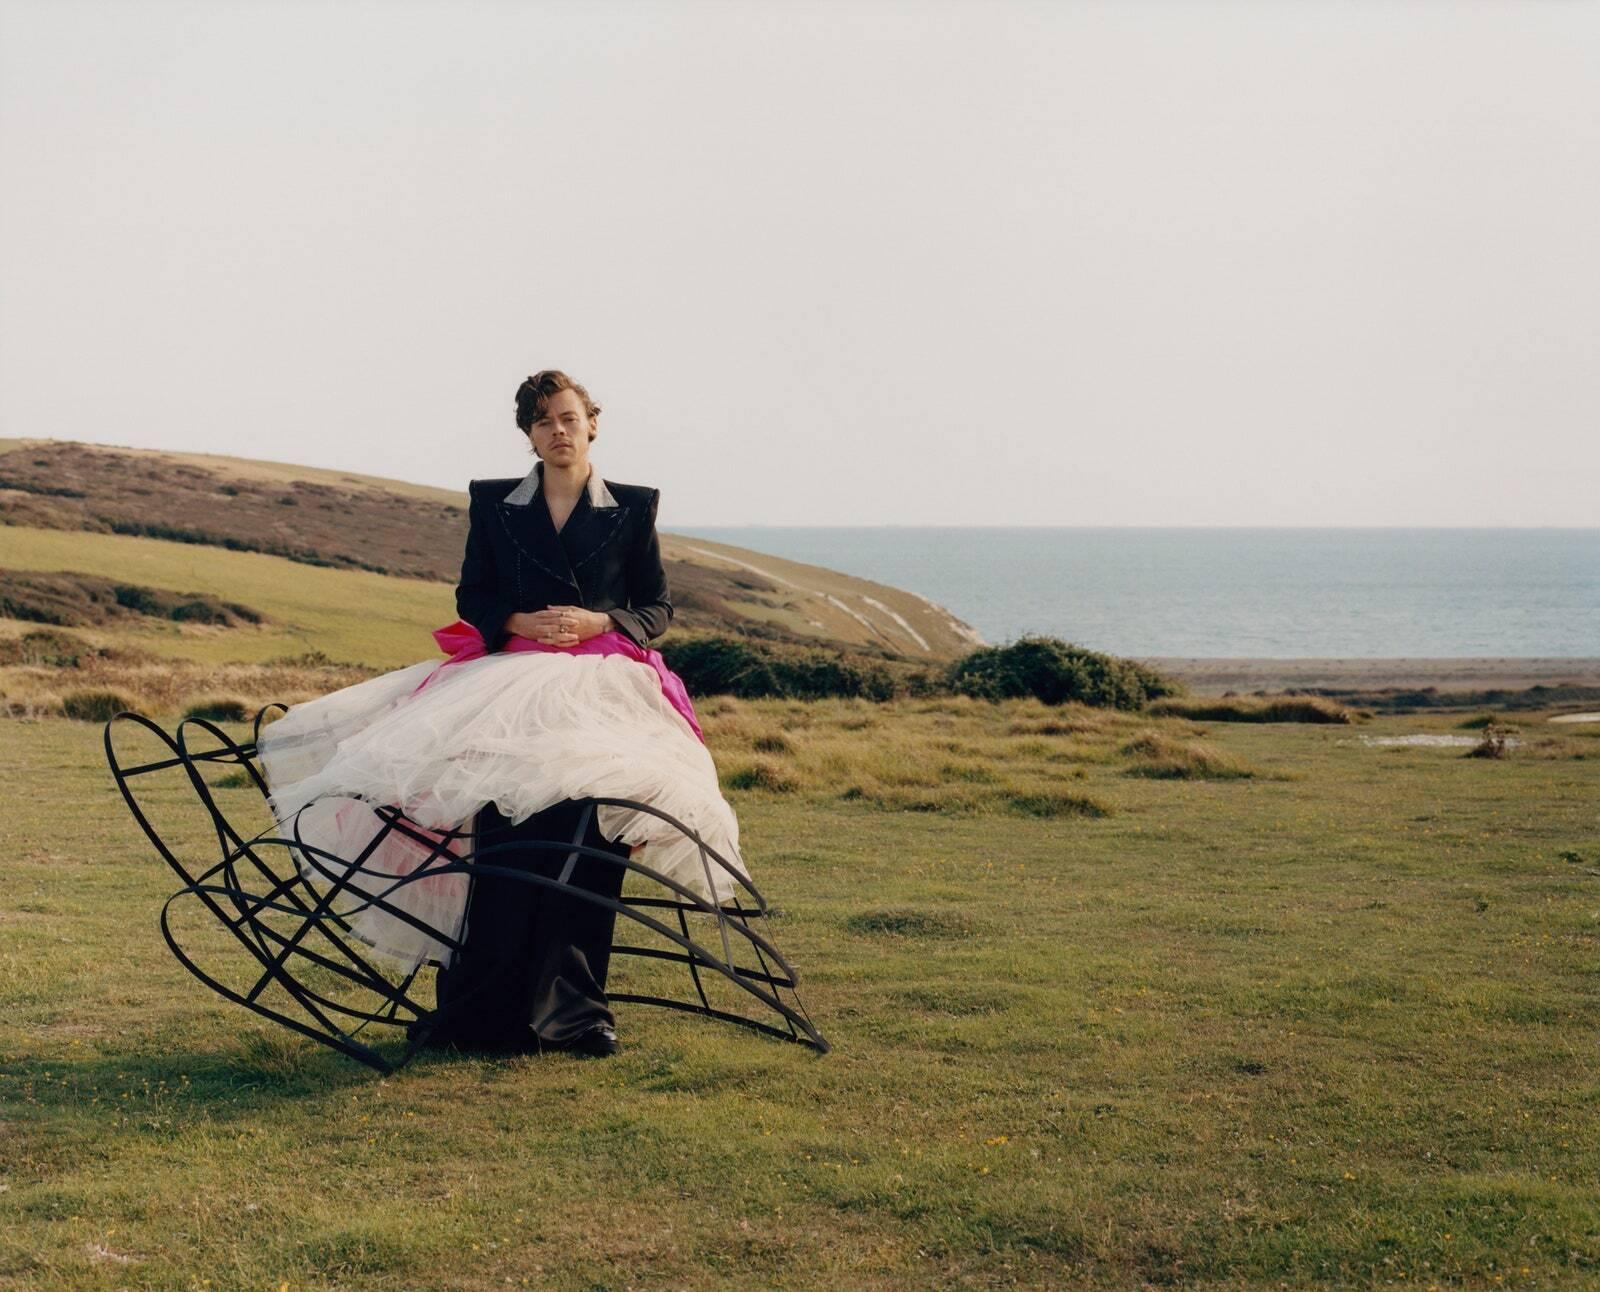 """Гаррі Стайлс з'явився на обкладинці журналу """"Vogue"""" у жіночому одязі"""